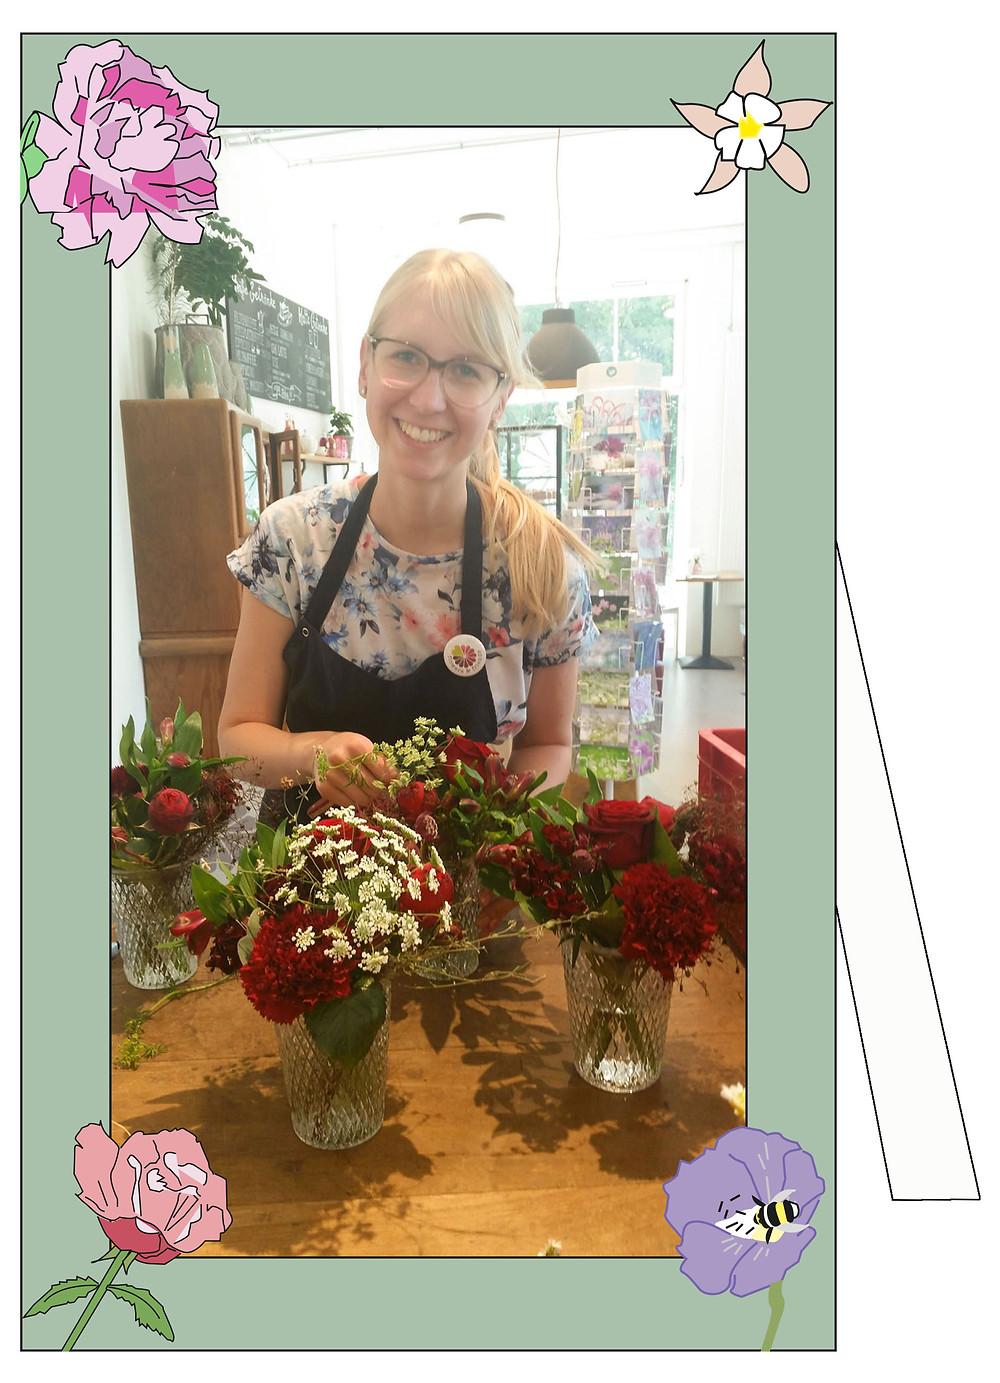 Flositin Julia Föhl von Flowers & Friends beim Binden eines Brautstraußes.